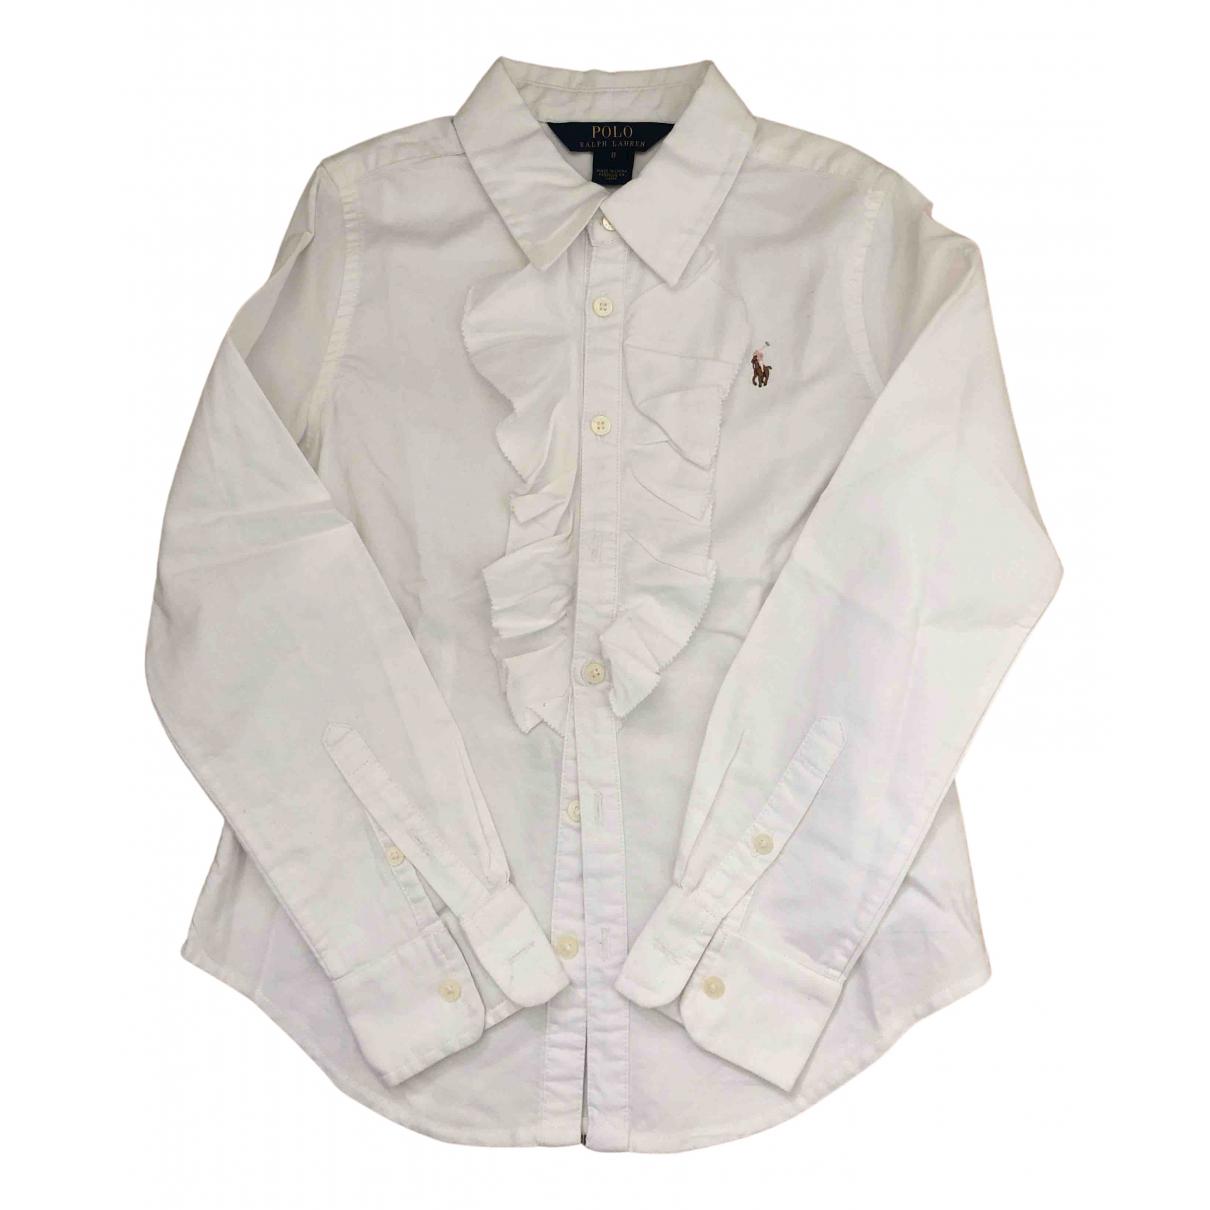 Polo Ralph Lauren \N Oberteile in  Weiss Baumwolle